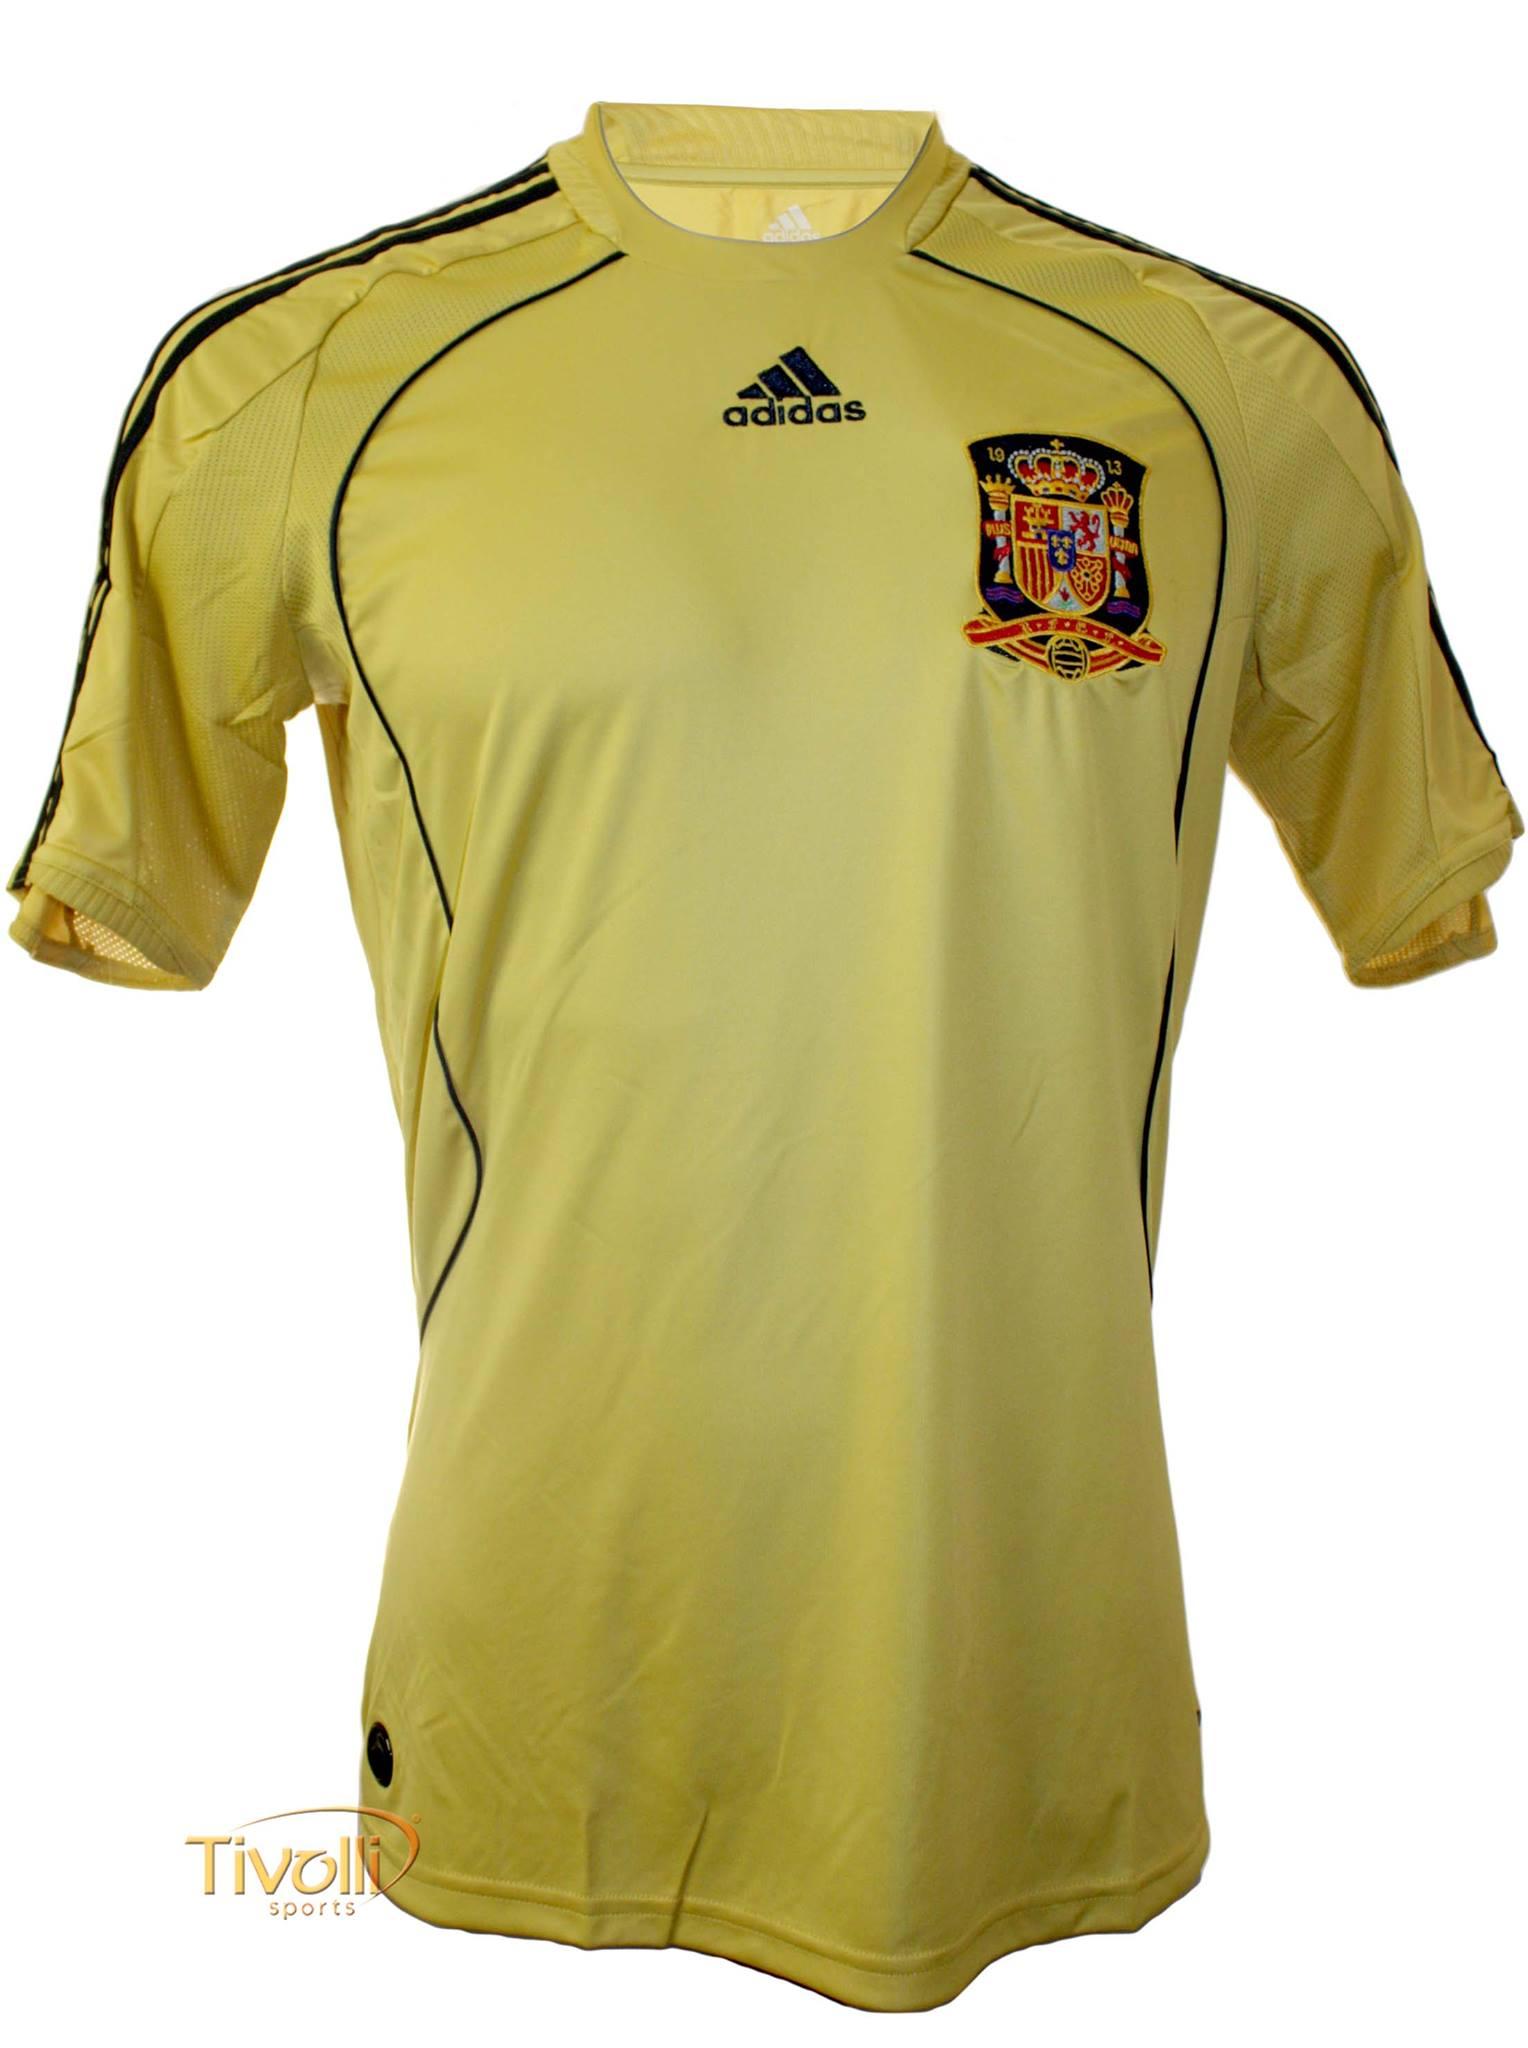 Black Friday - Camisa Espanha II Away 2009 10 Adidas Masculina Dourada e  Preta a2c44d4860271